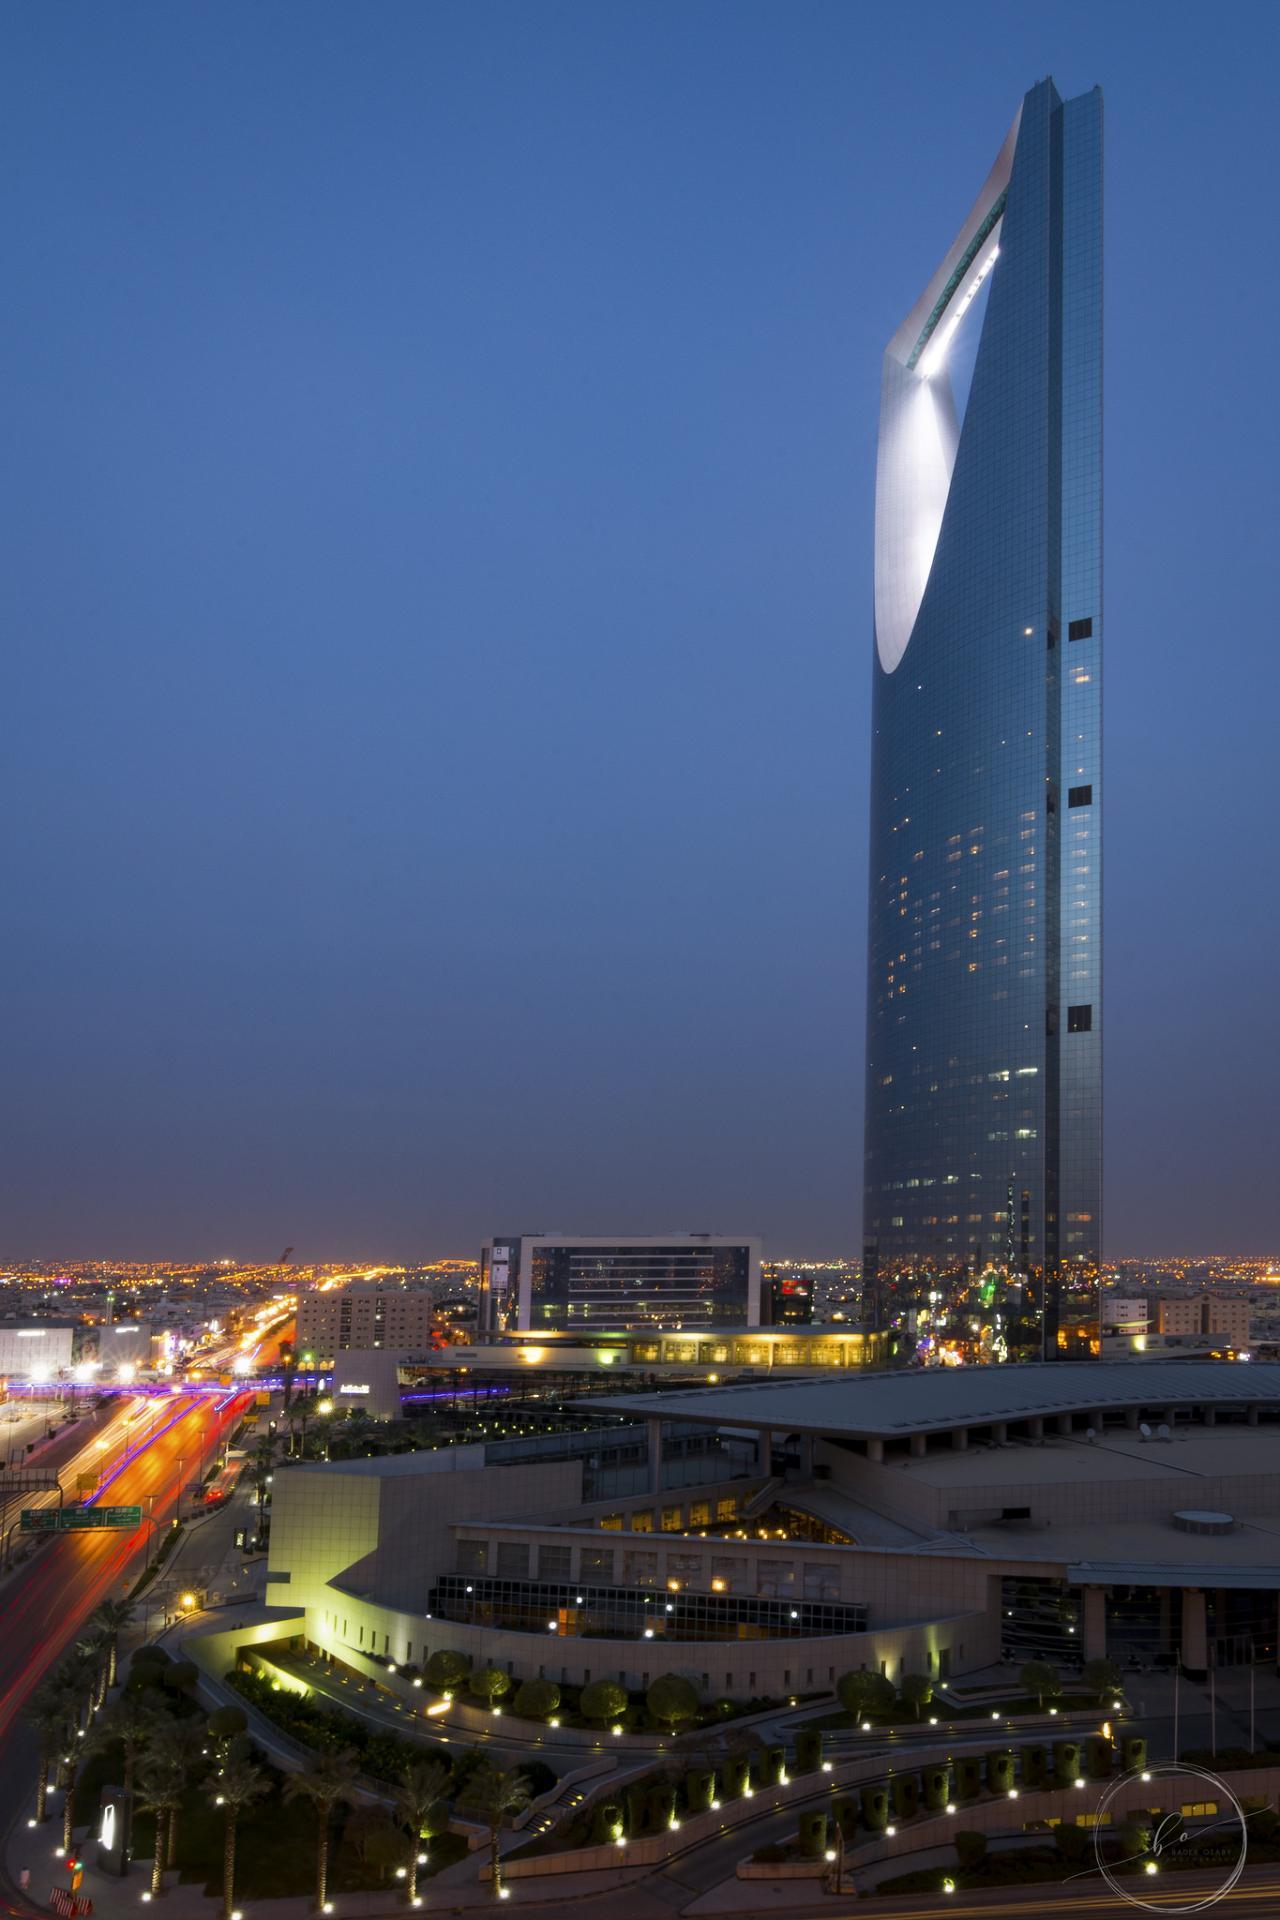 صورة تعبير عن الرياض , تفاصيل عن الرياض